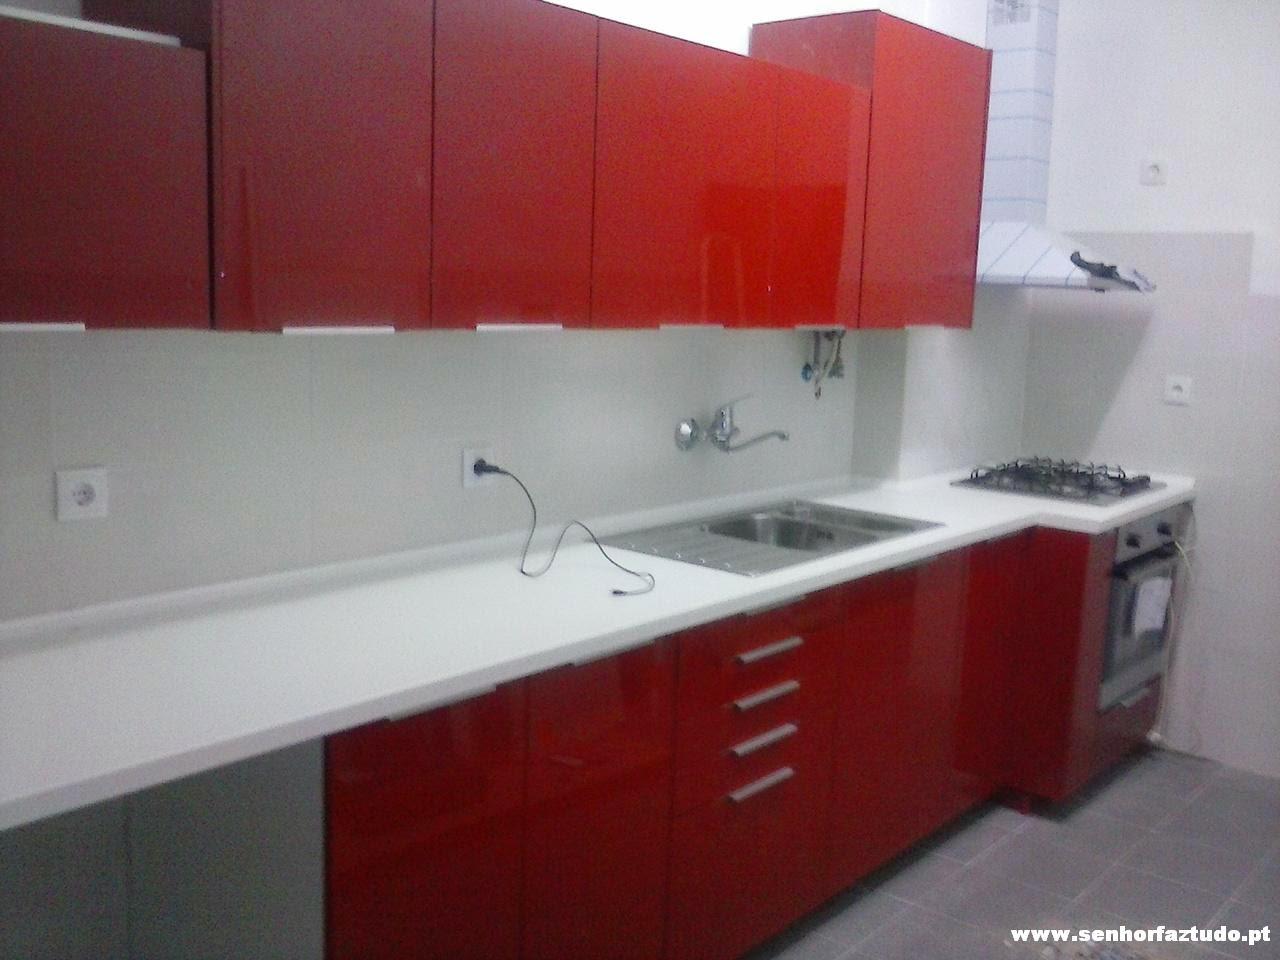 Montagem de cozinhas: Montagem de uma cozinha Ikea no Barreiro  #9D312E 1280 960